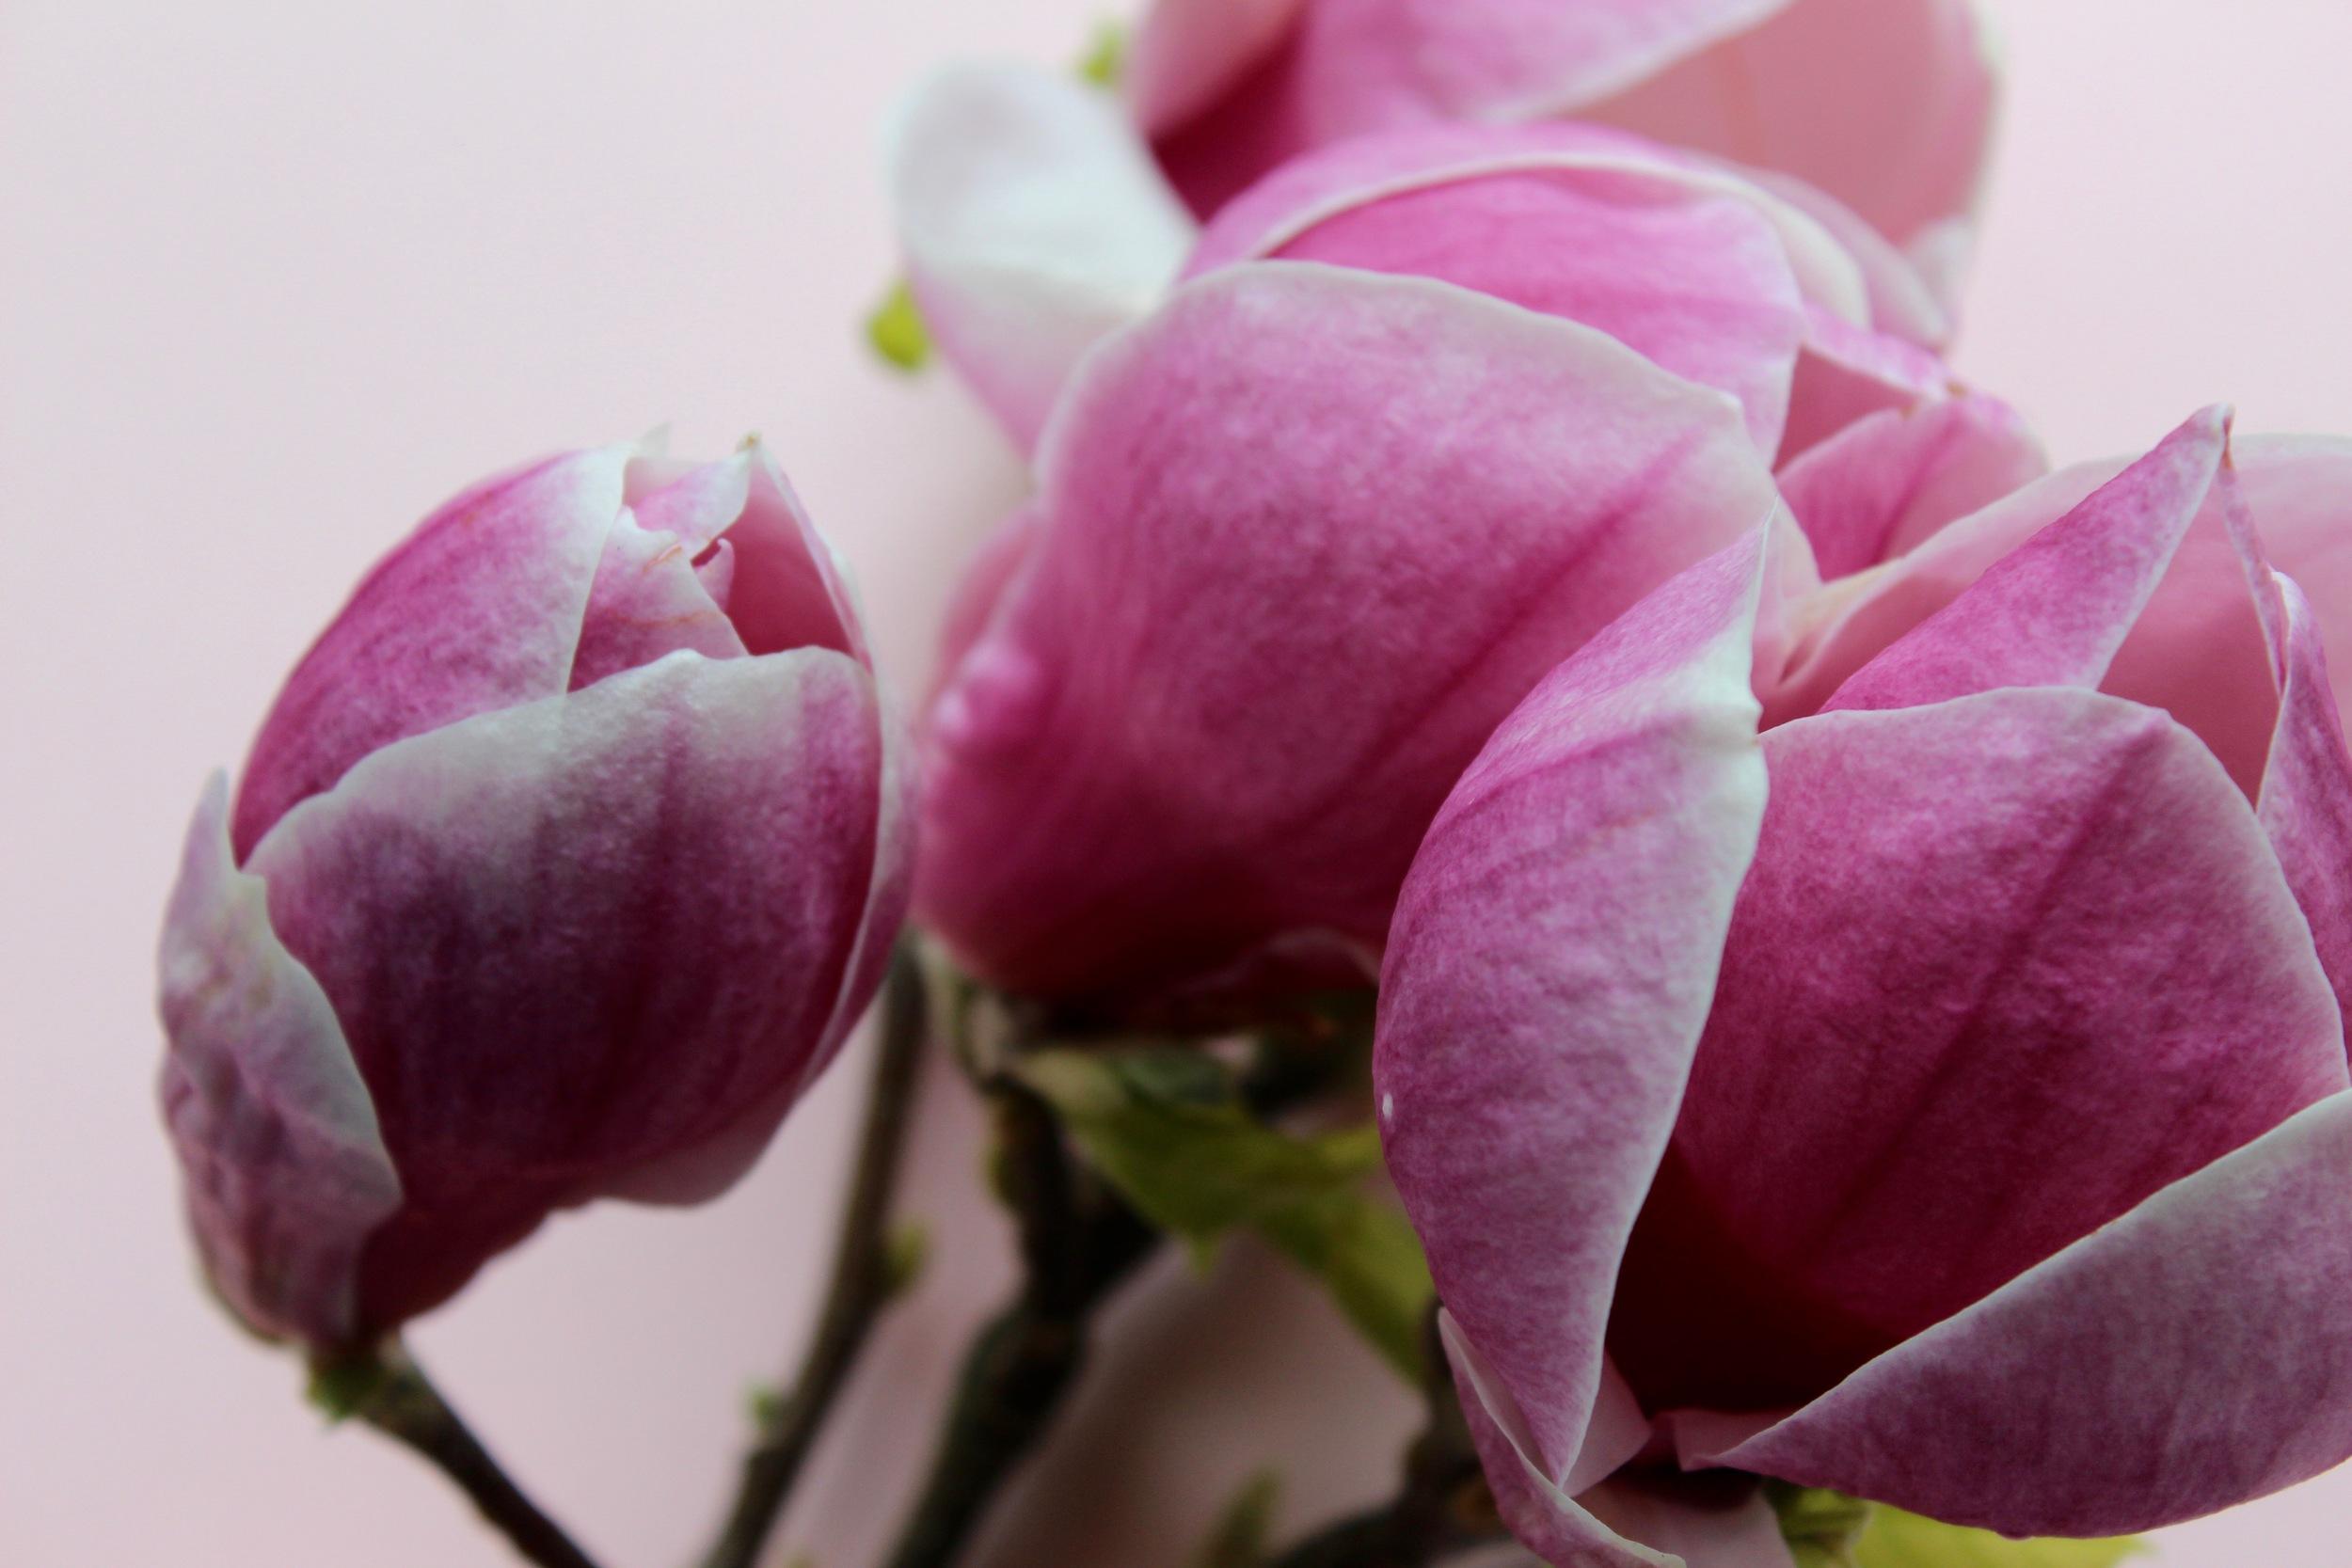 Magnlia grandiflora